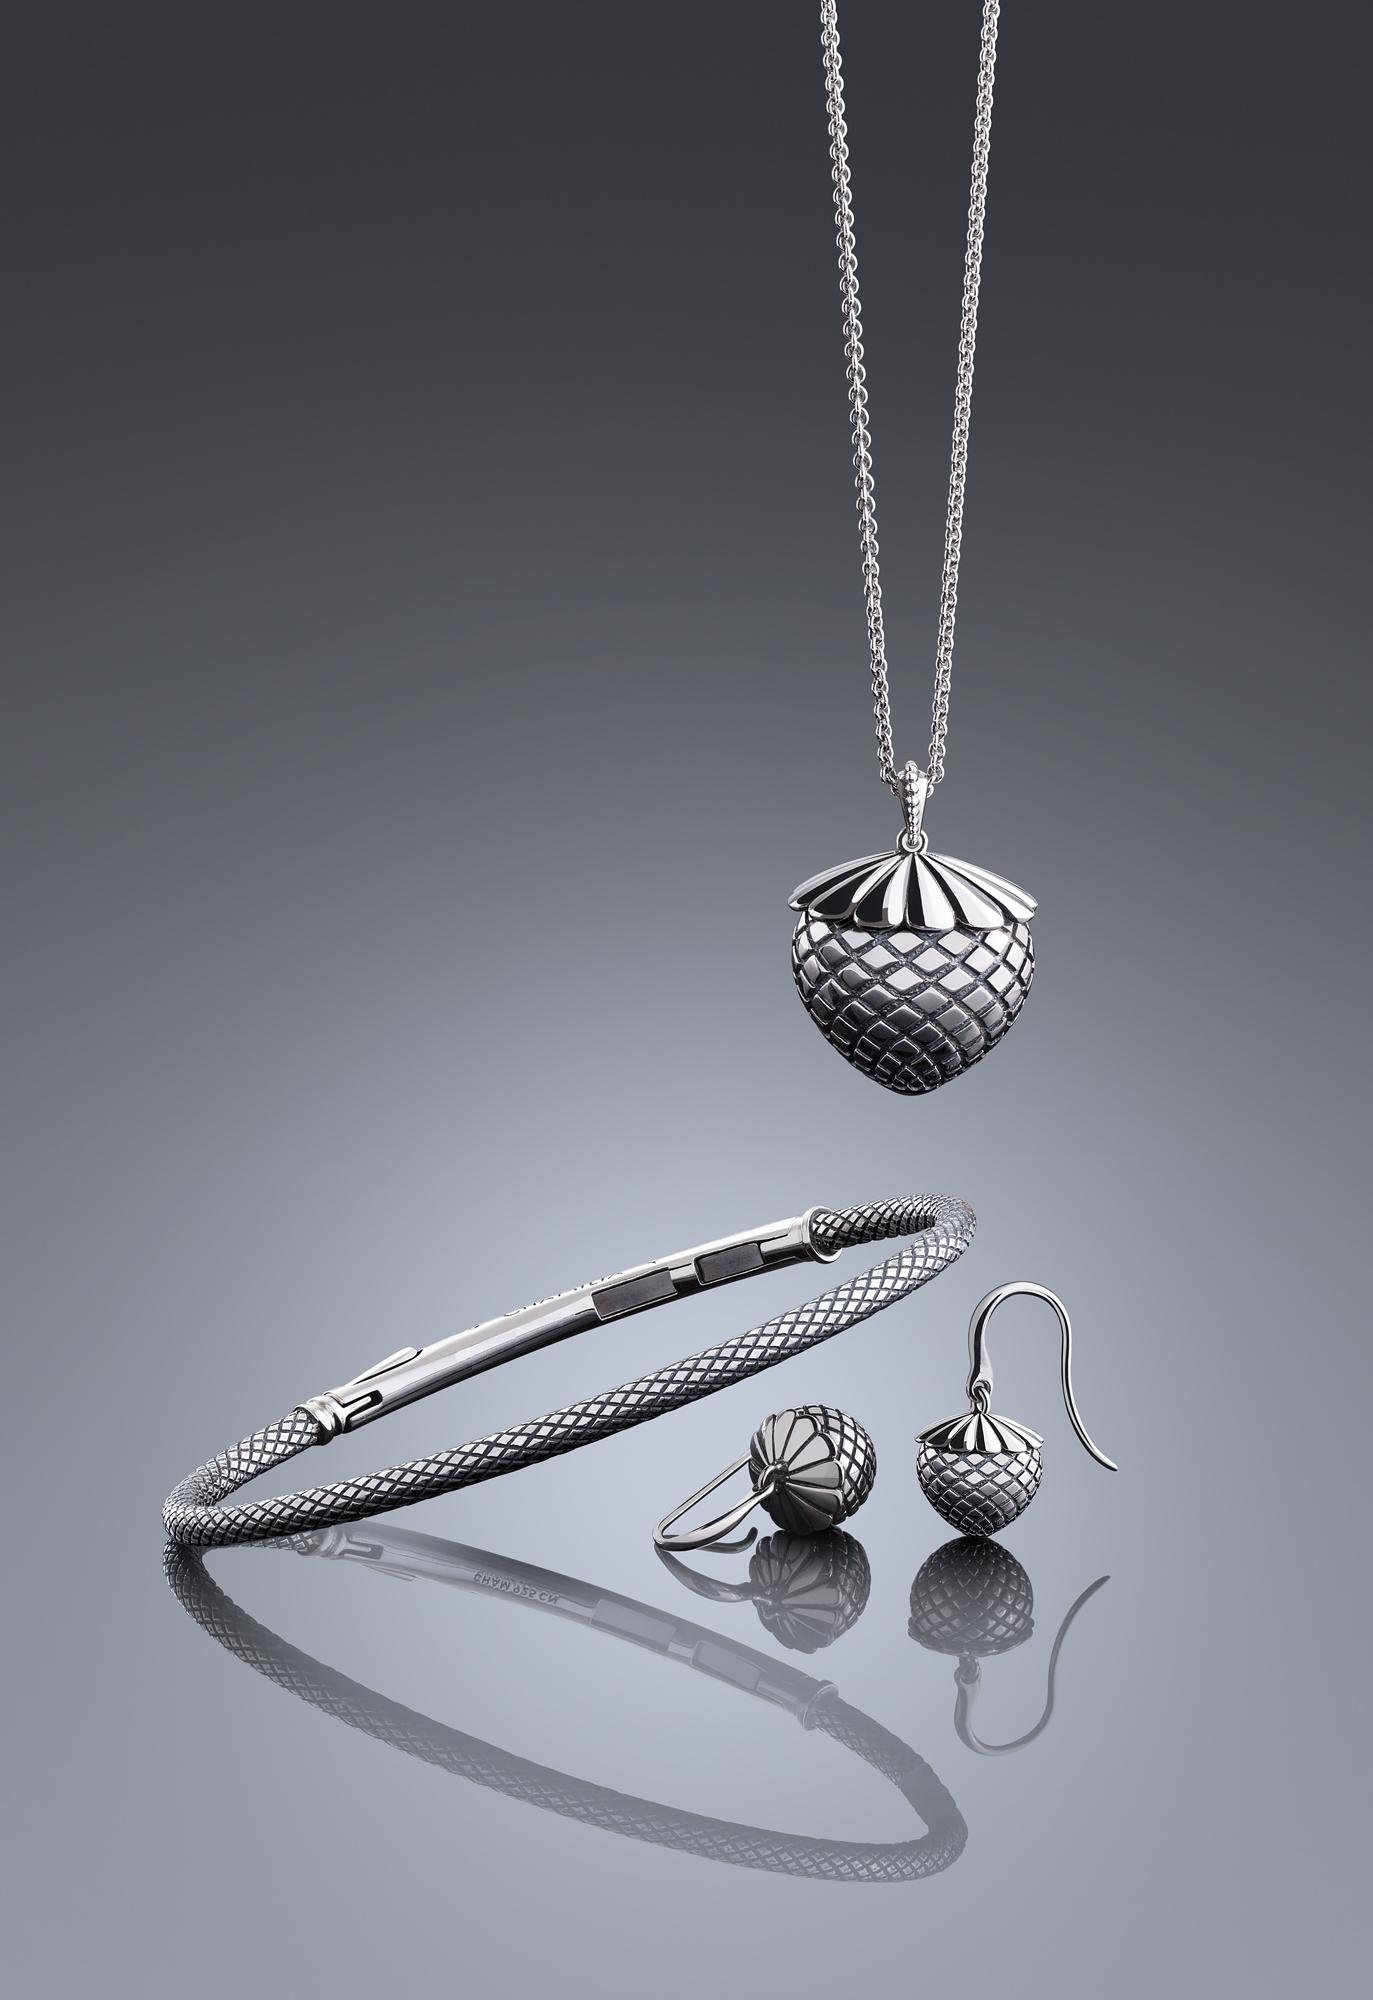 Jewelry_17.jpg